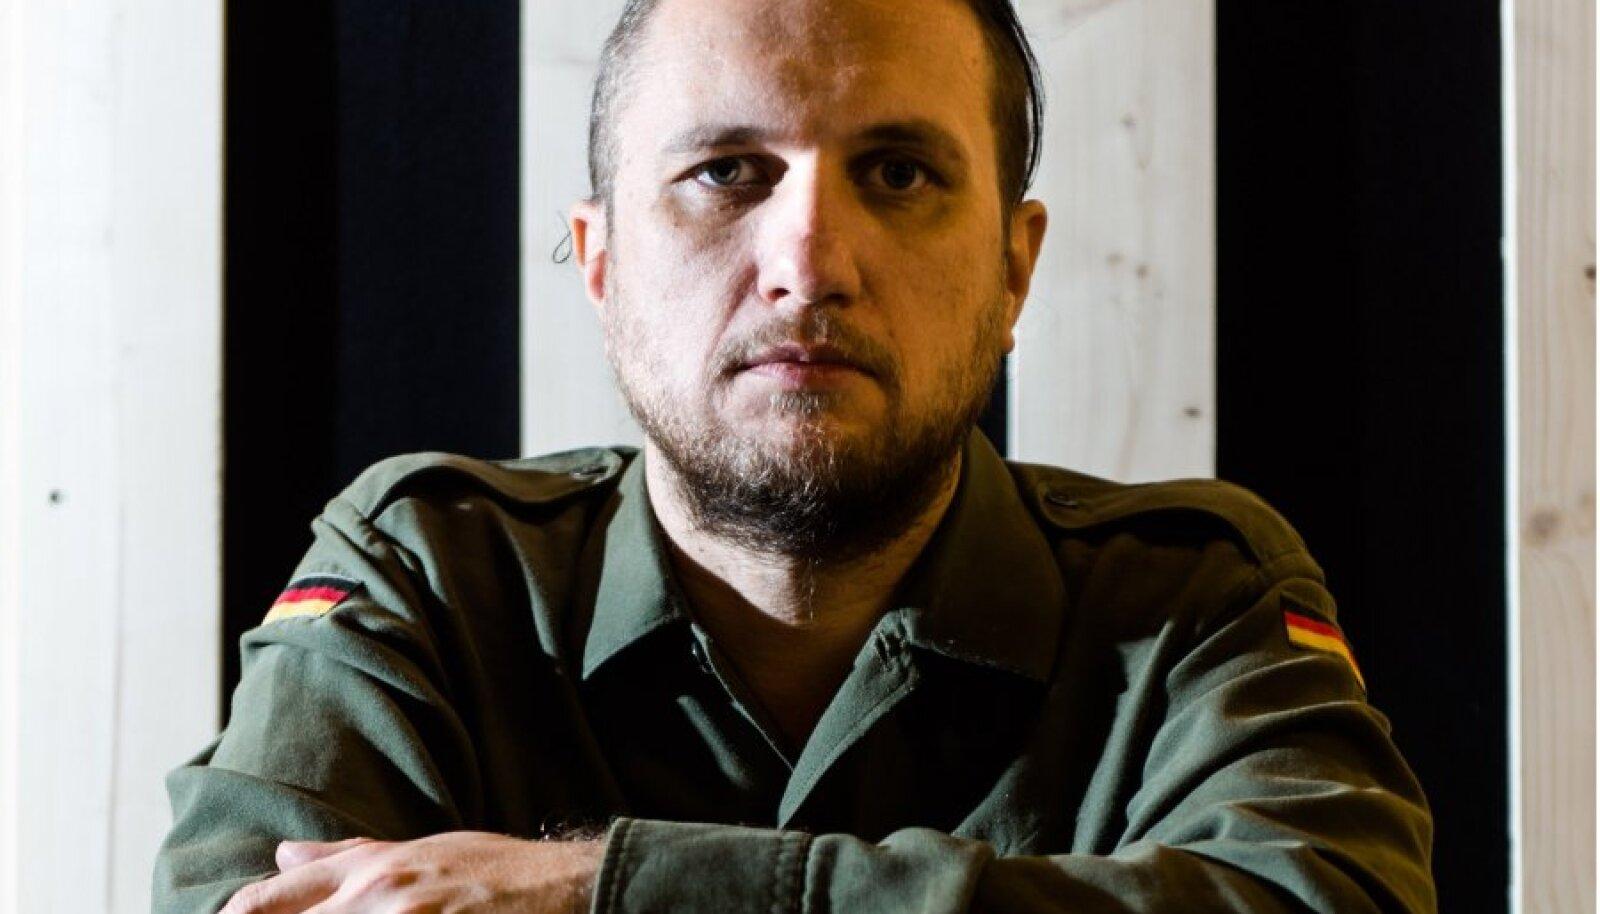 Raadio 2 uus peatoimetaja ei taha uues ametis olla füürer, vaid üks sõduritest.